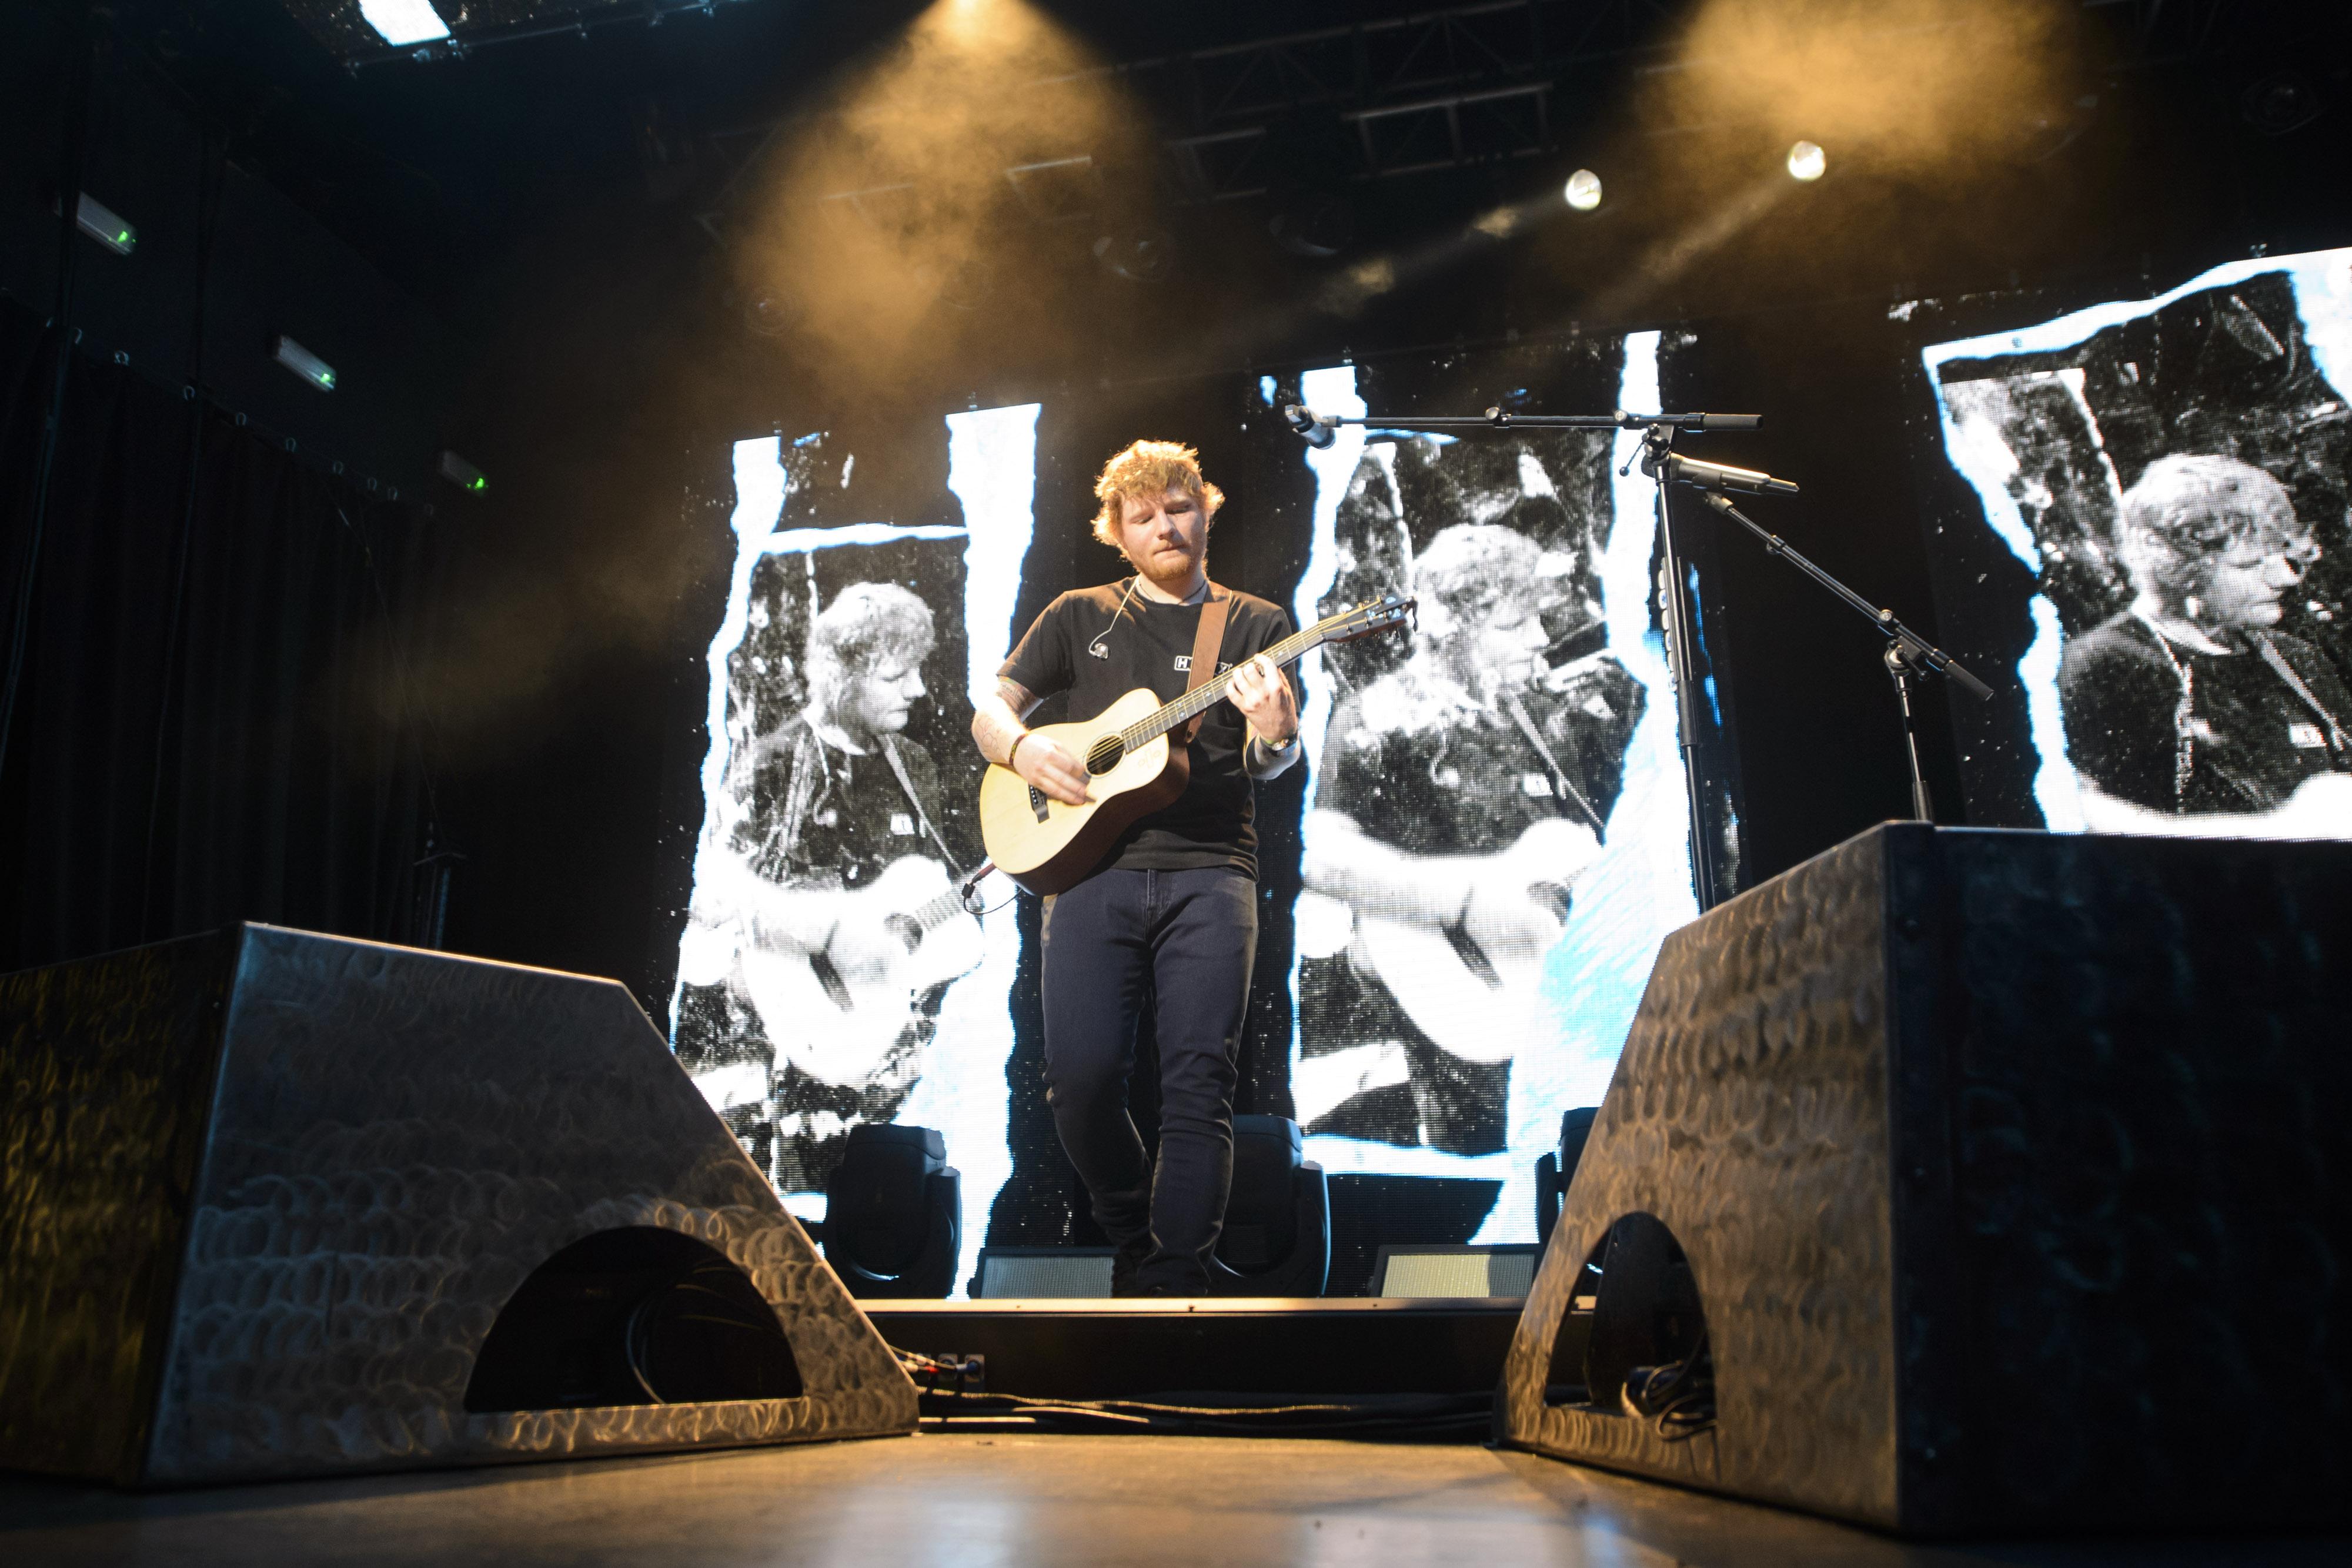 Ed Sheeran at Capital Up Close